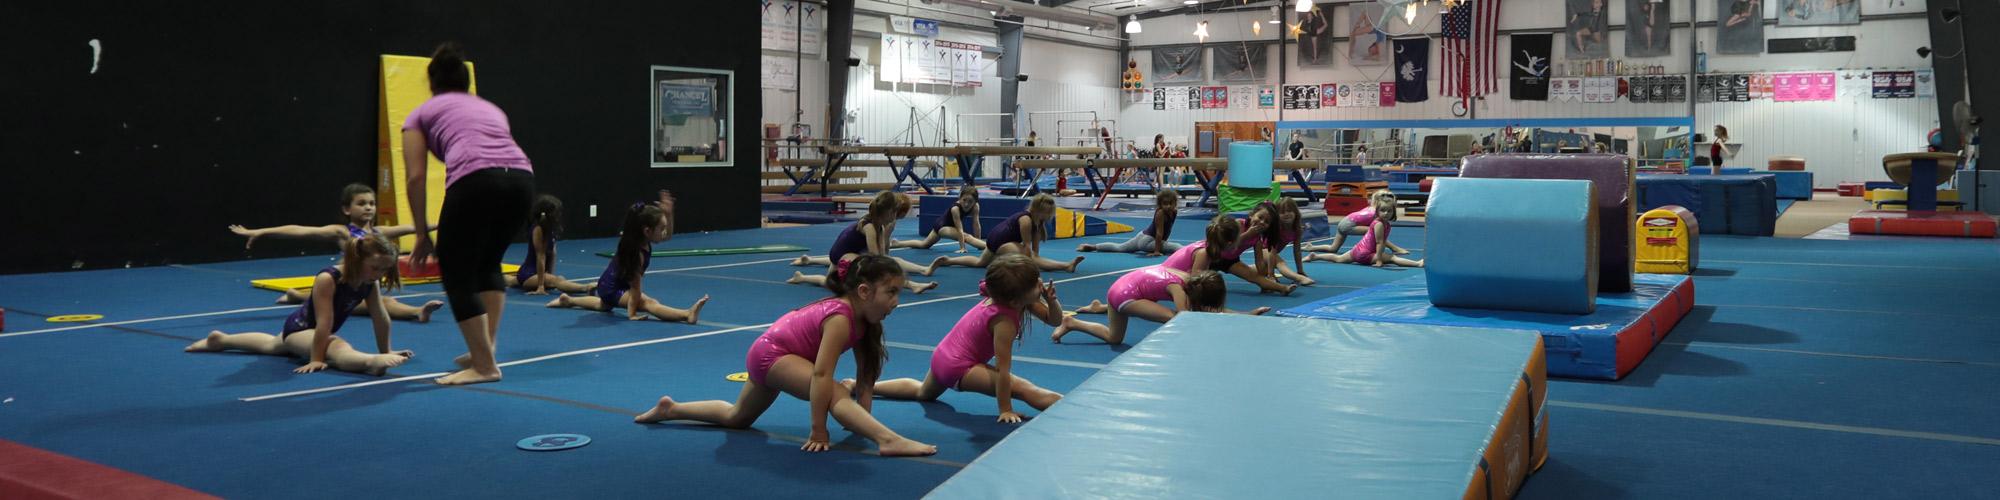 Pre-Team Gymnastics